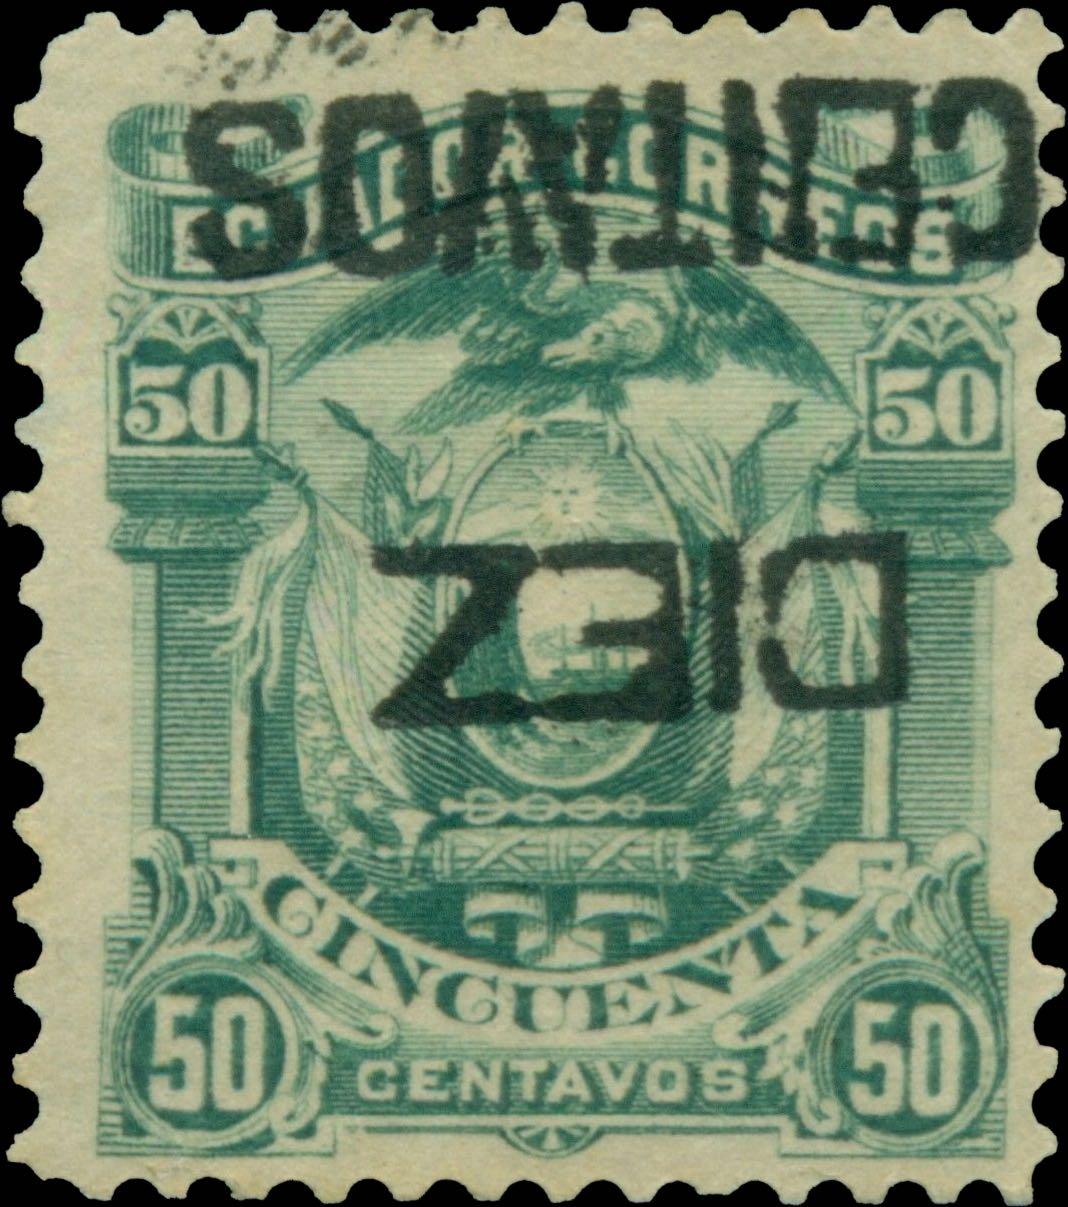 Ecuador_1883_Diez_Centavos_overprint_Forgery2